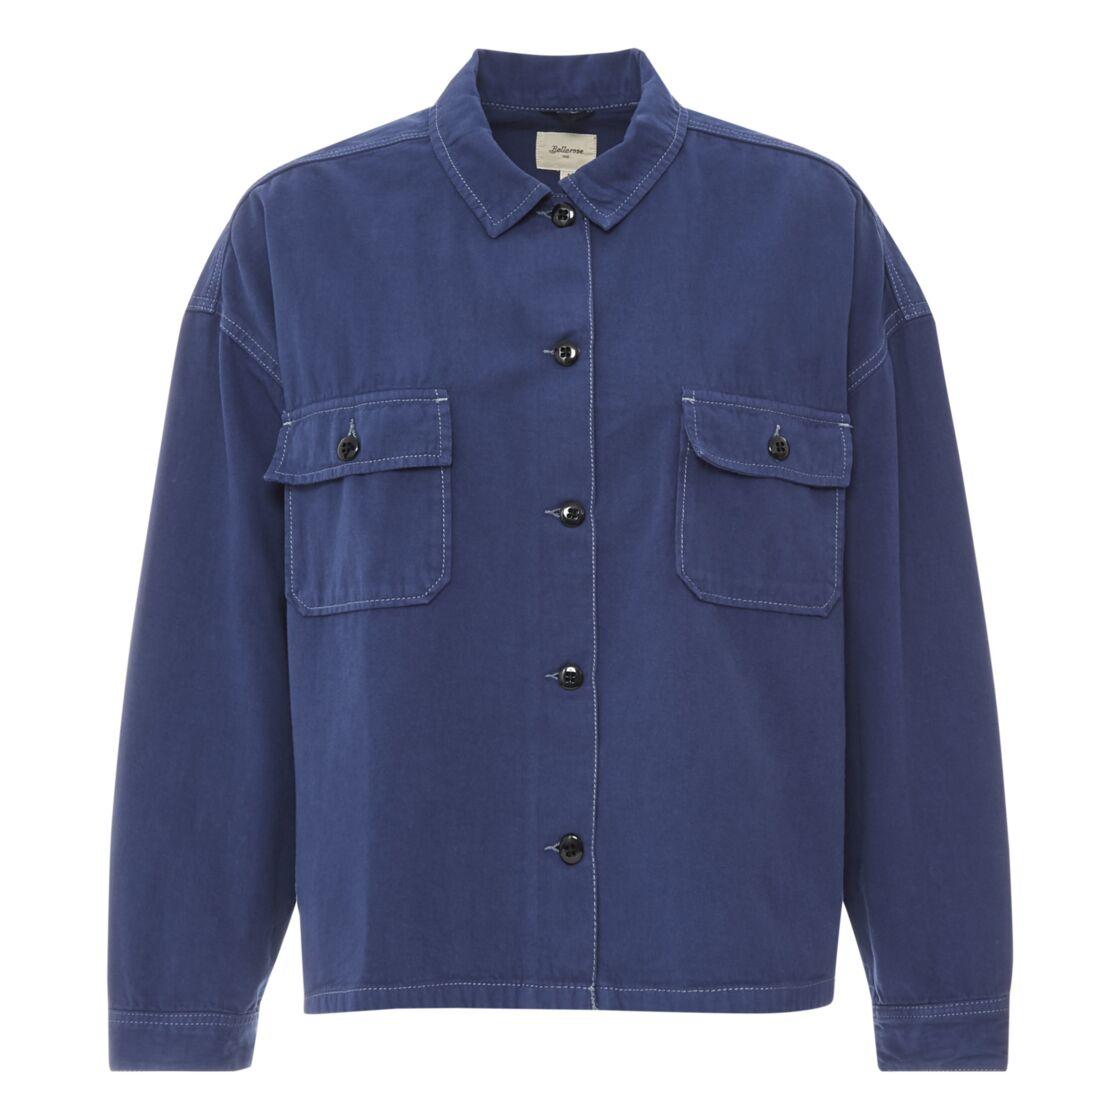 Sur chemise Parrish Coton et Lin - Collection Femme , bleu marine, 149€, Bellerose sur smallable